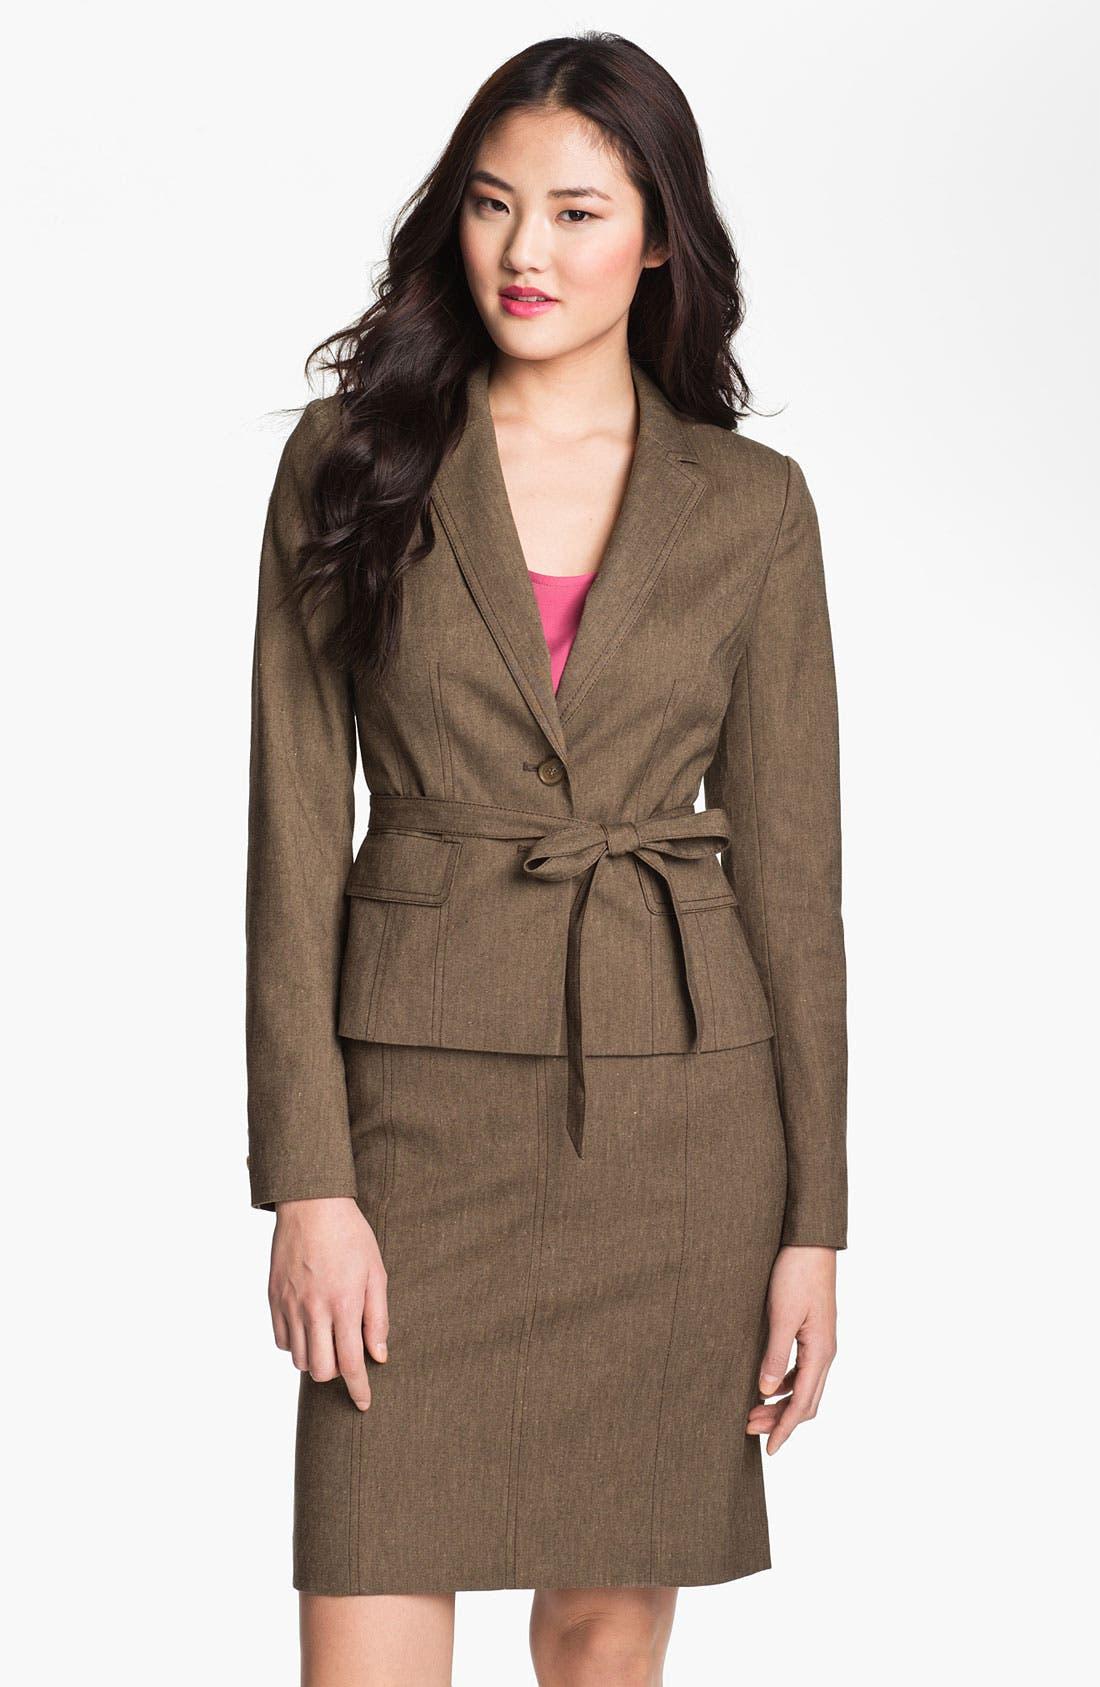 Alternate Image 1 Selected - Halogen® 'Subtle Stretch' Belted Jacket